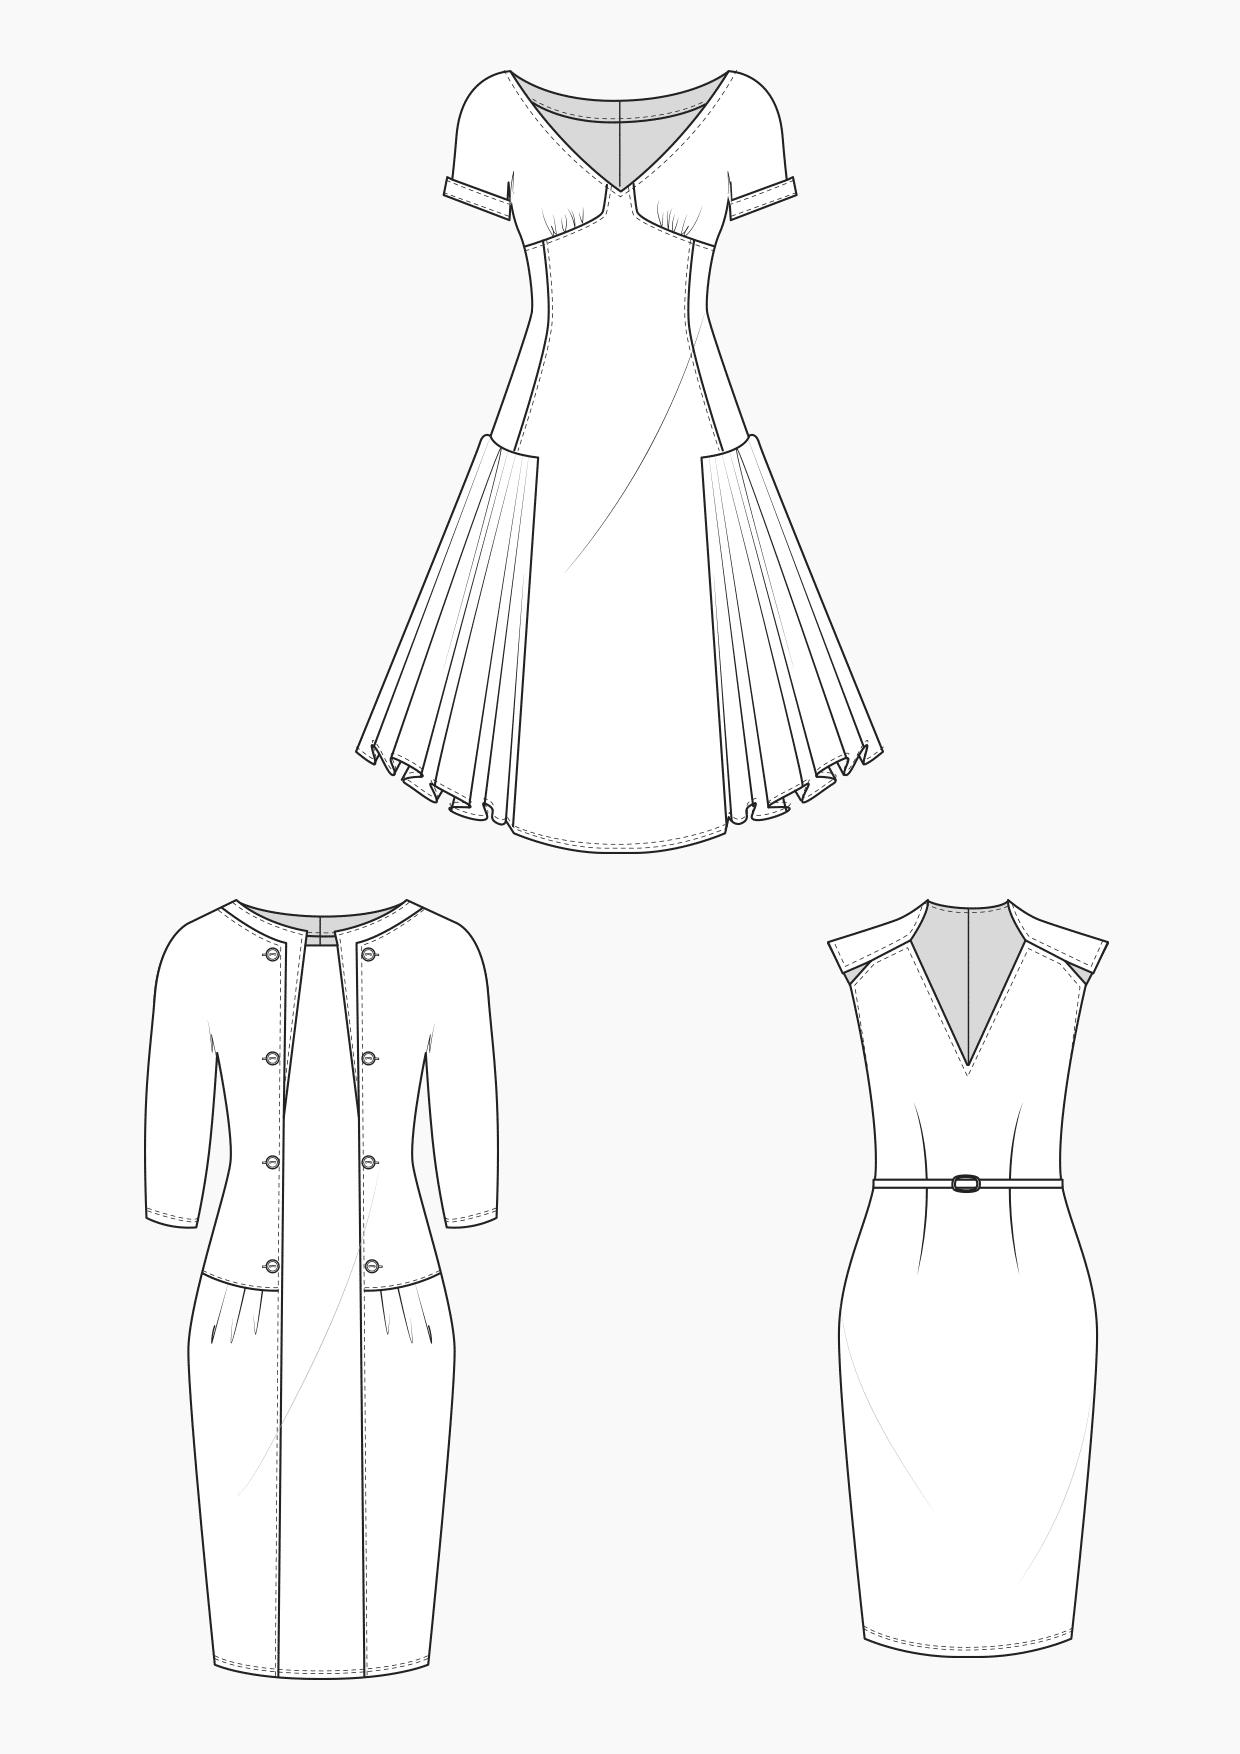 Produkt: Schnitt-Technik Kleider im Retro-Look